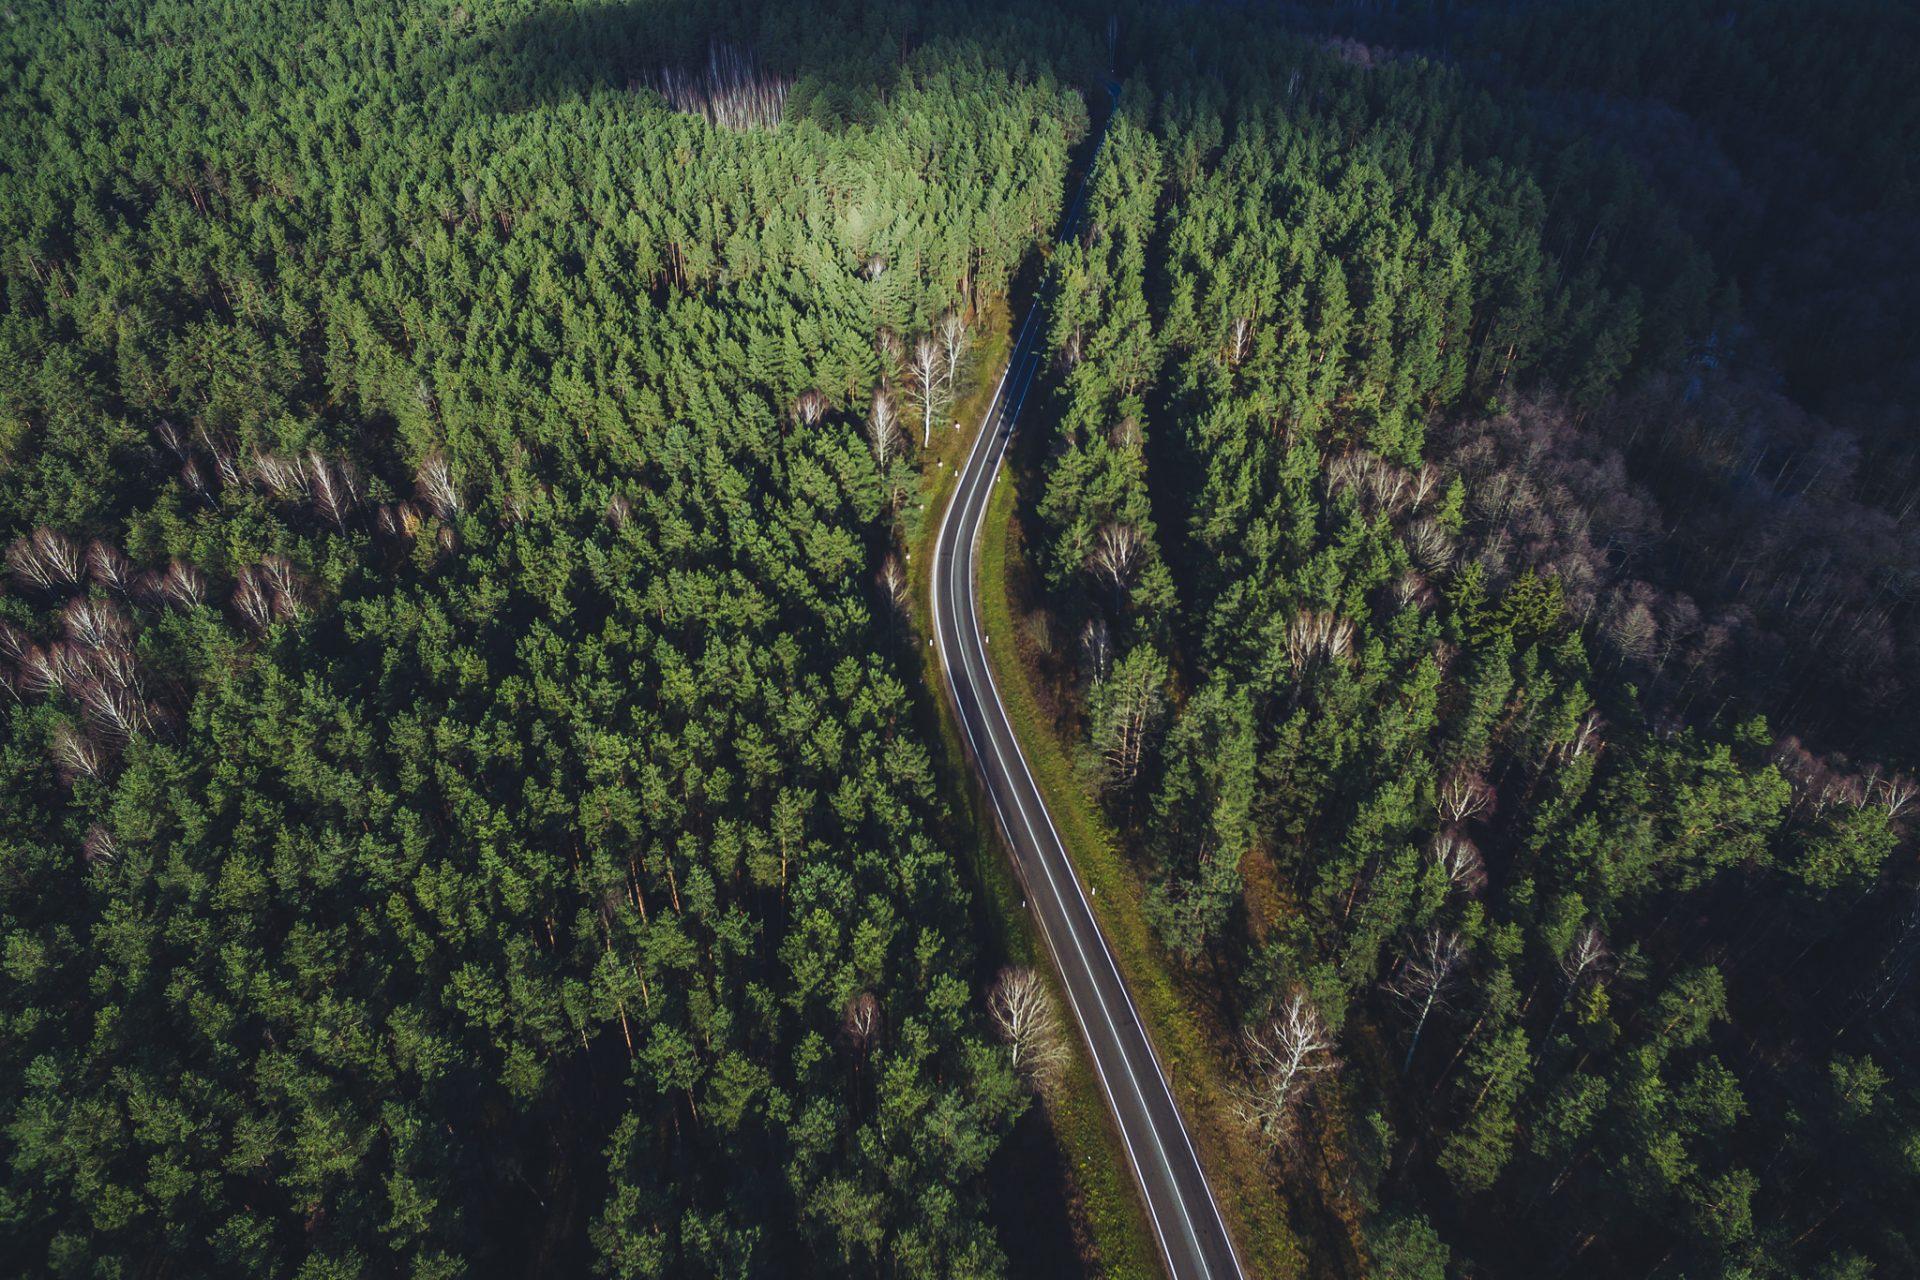 Drone photography — Photographer Andrius Aleksandravičius